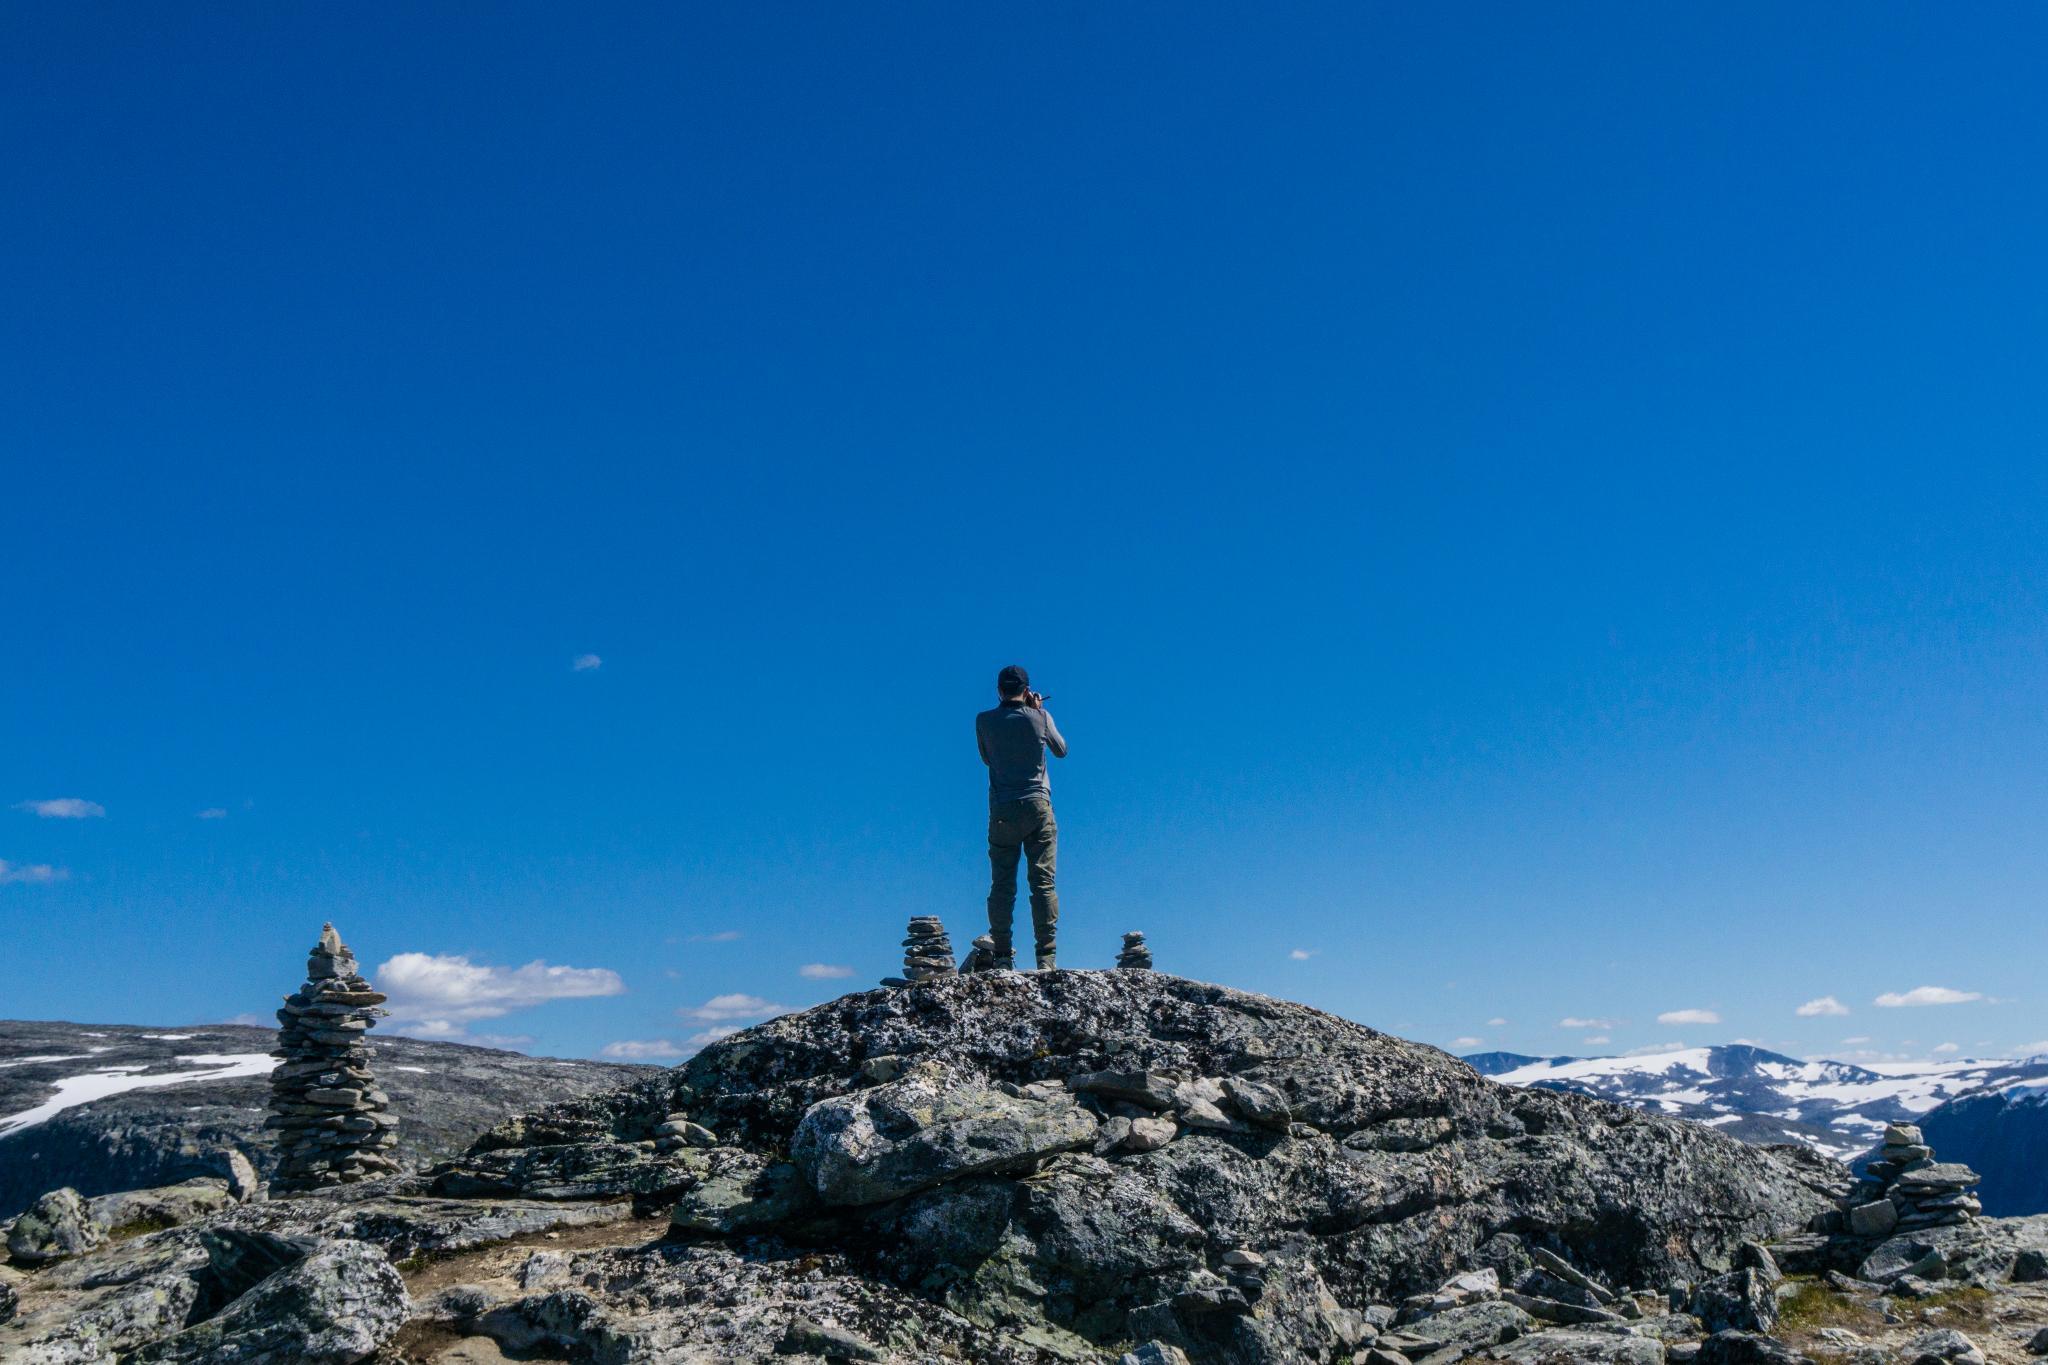 【北歐景點】歐洲最震撼的峽灣觀景台 — Dalsnibba Mountain Plateau 31